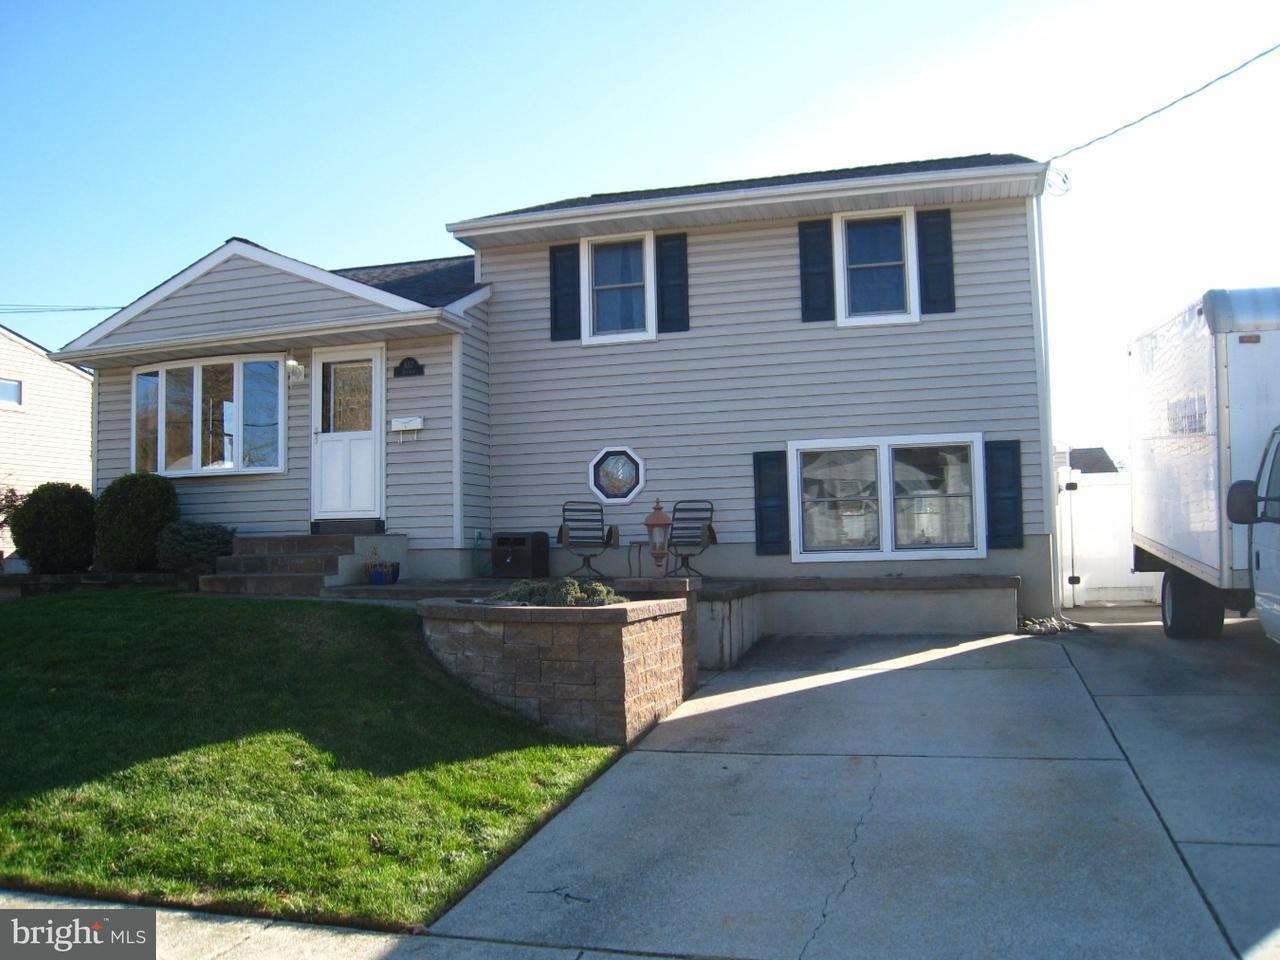 Casa Unifamiliar por un Venta en 657 DETTMAR TER Runnemede, Nueva Jersey 08078 Estados Unidos